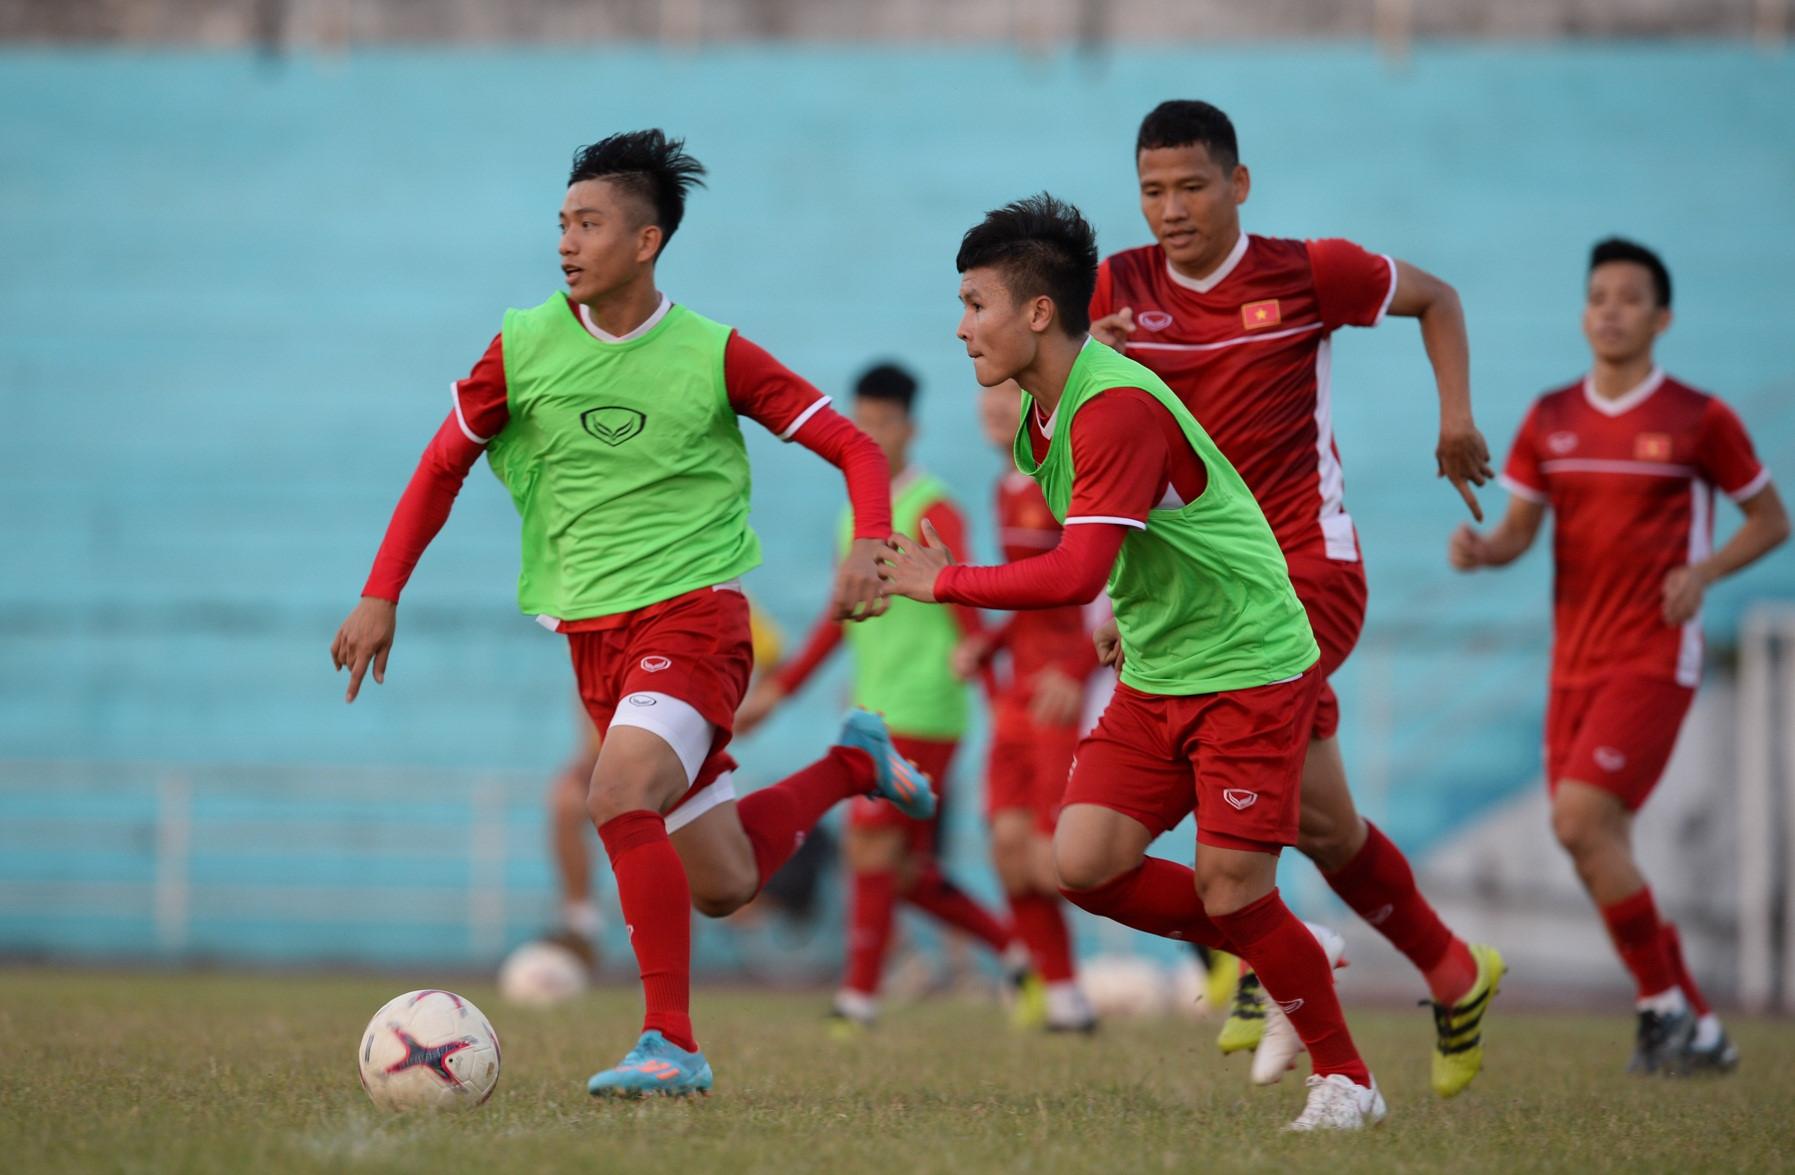 Tuyển Việt Nam tập chung sân với người dân đi tập thể dục Ảnh 7